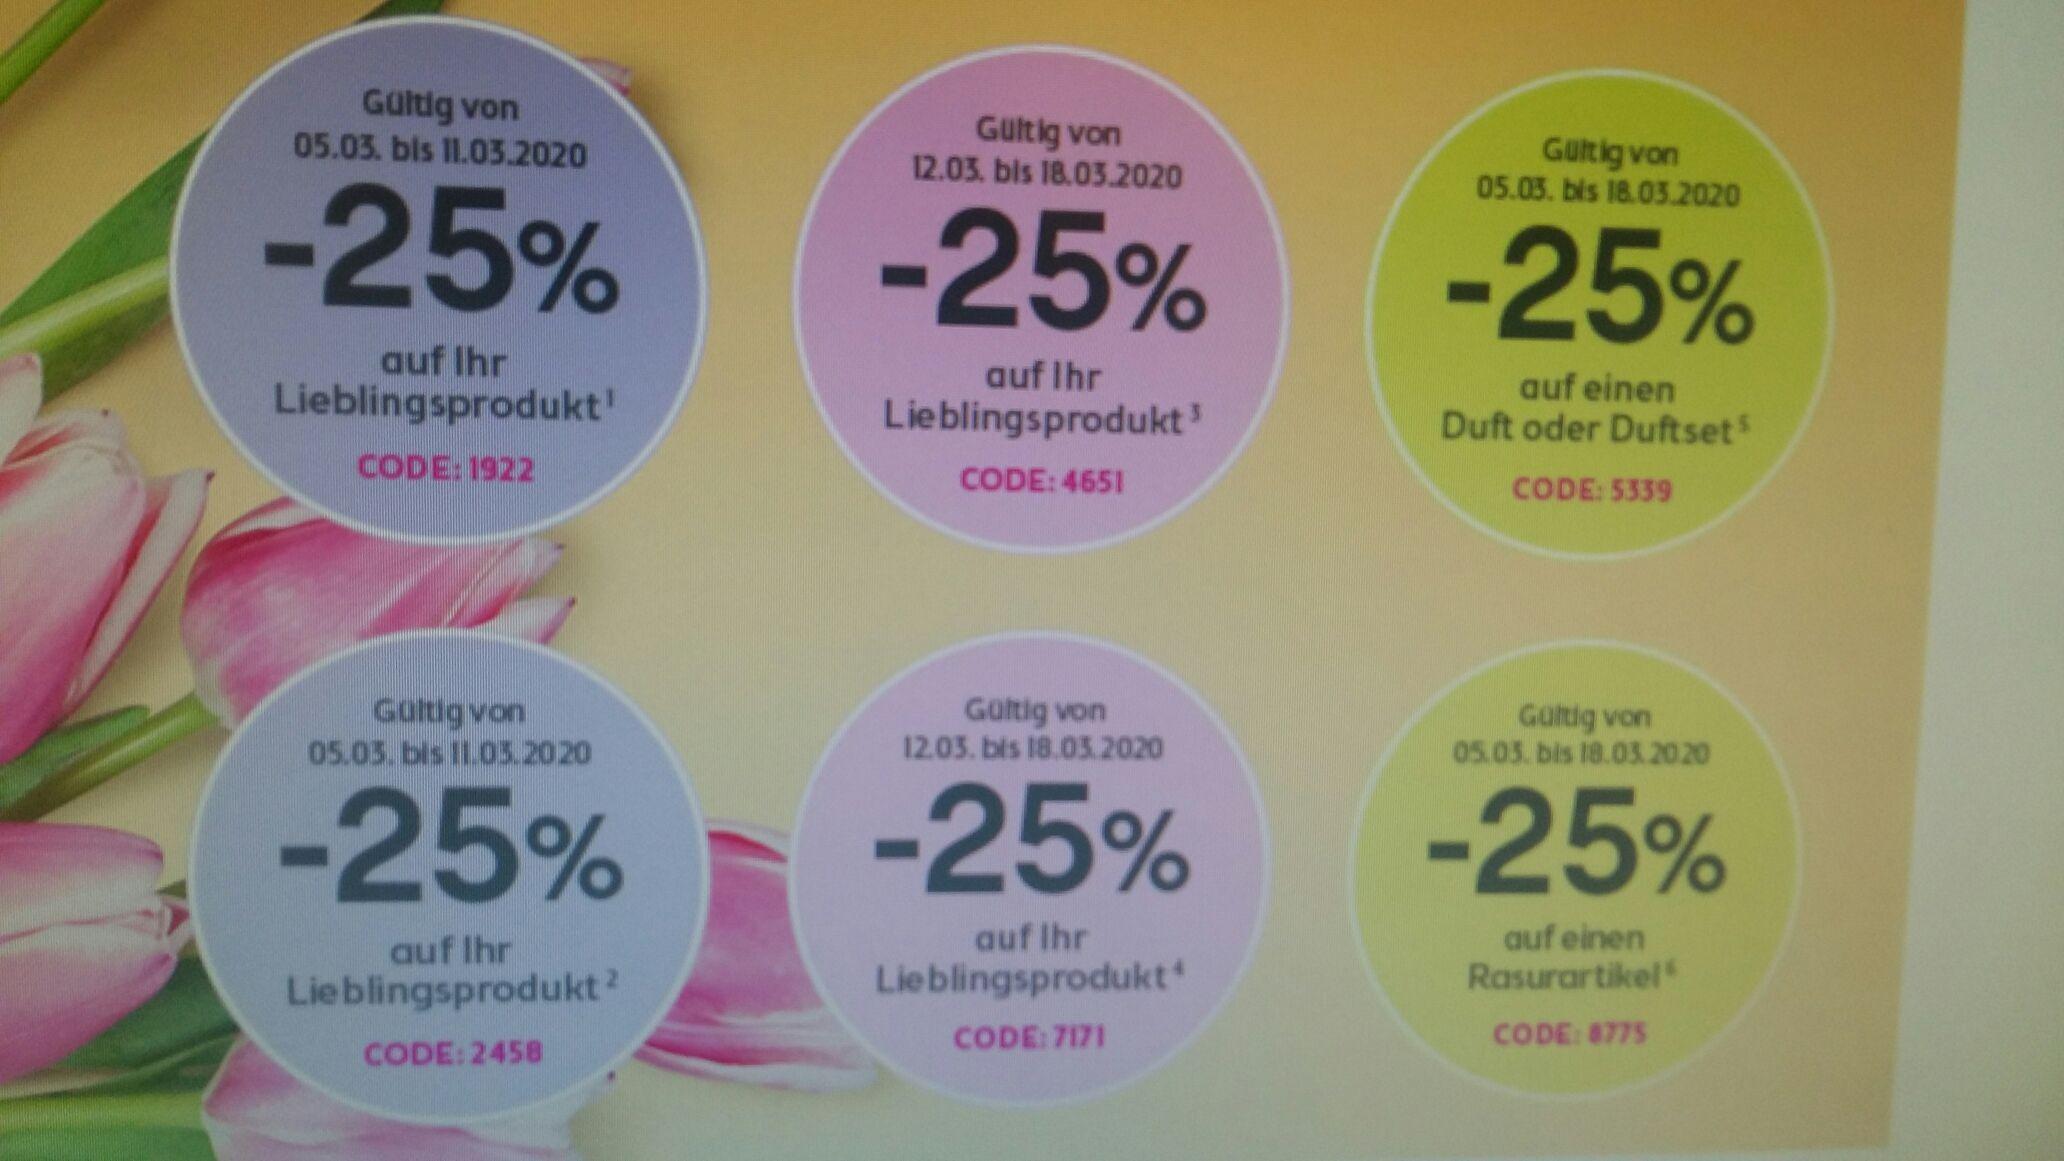 -25% Sticker bei Bipa